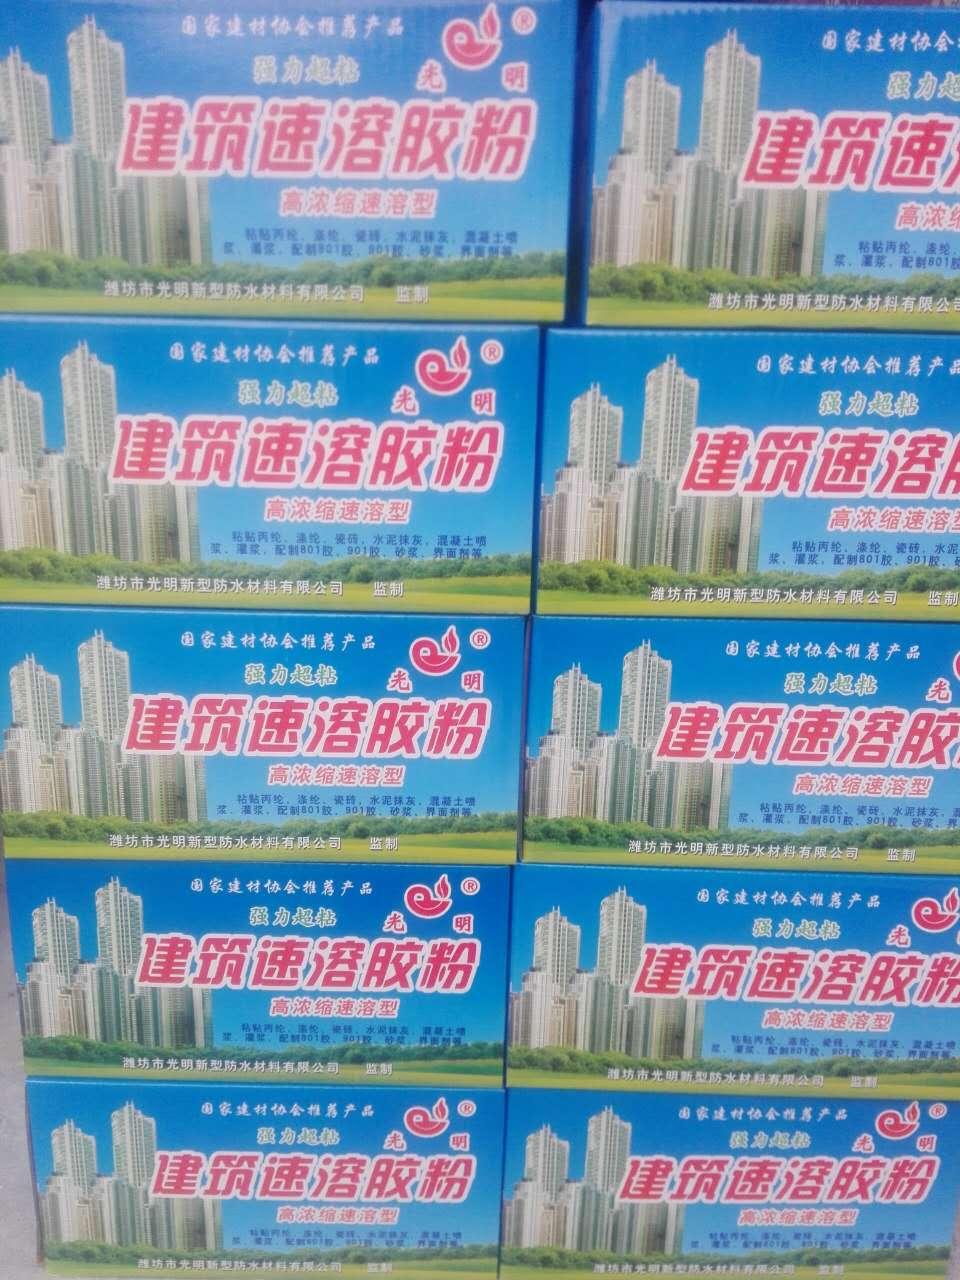 供应 强力高粘丙纶胶粉 强力高粘丙纶胶粉速溶型